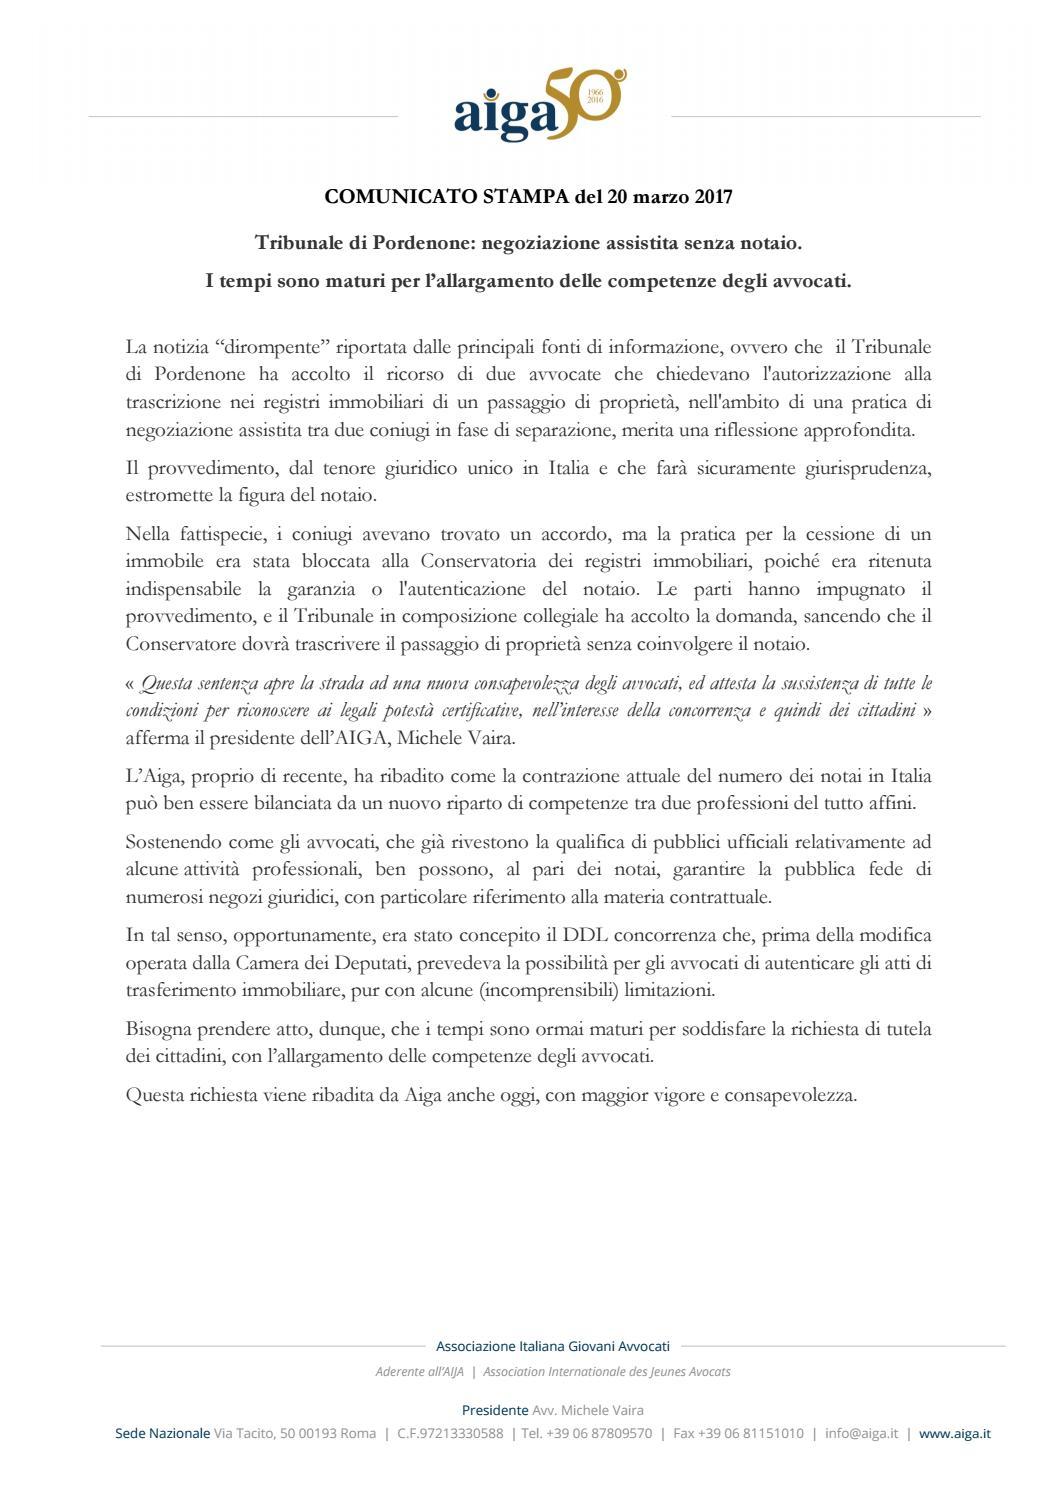 2017 03 20 cs75 negoziazione assistita senza notaio by michele vaira issuu - Donazione immobile senza notaio ...